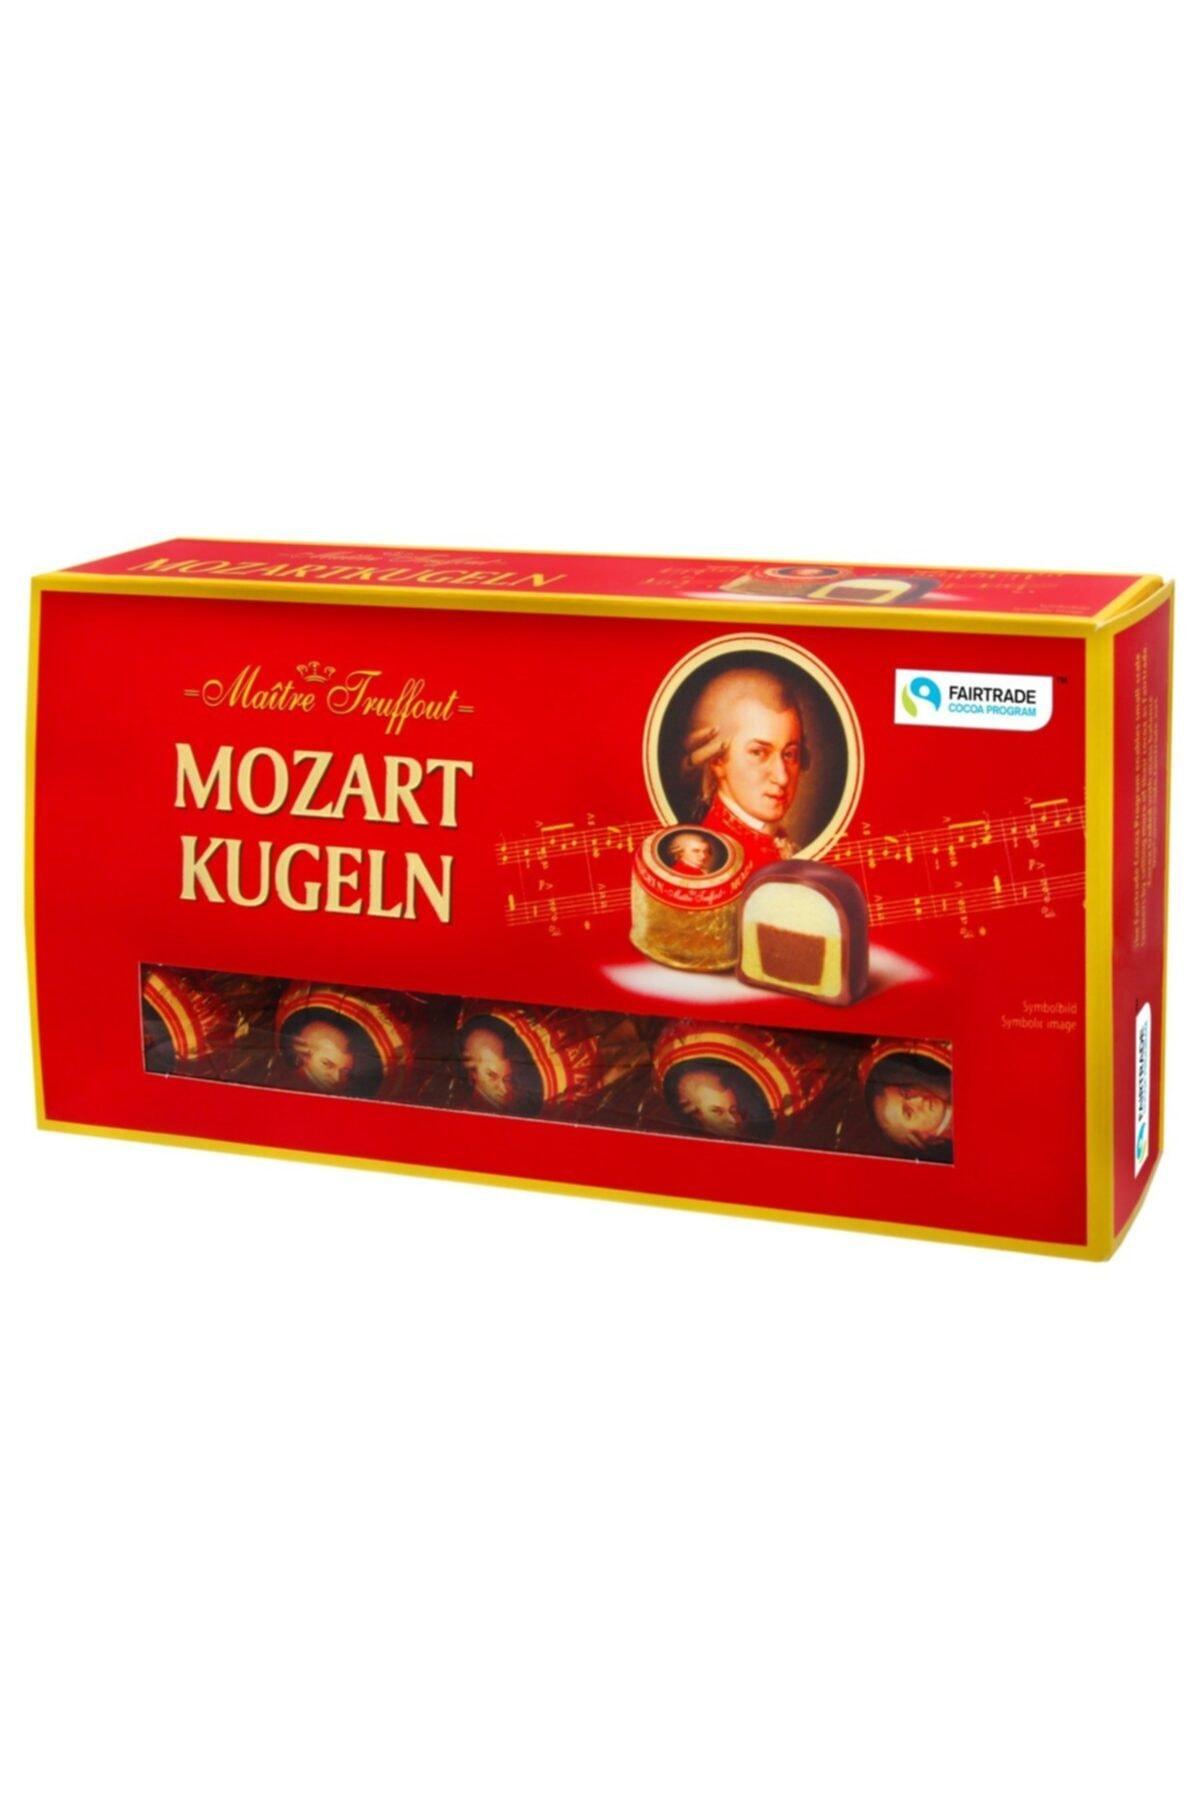 MOZART Kugeln Maitre Truffout Marzipan Çikolata Topları 200 gr 1